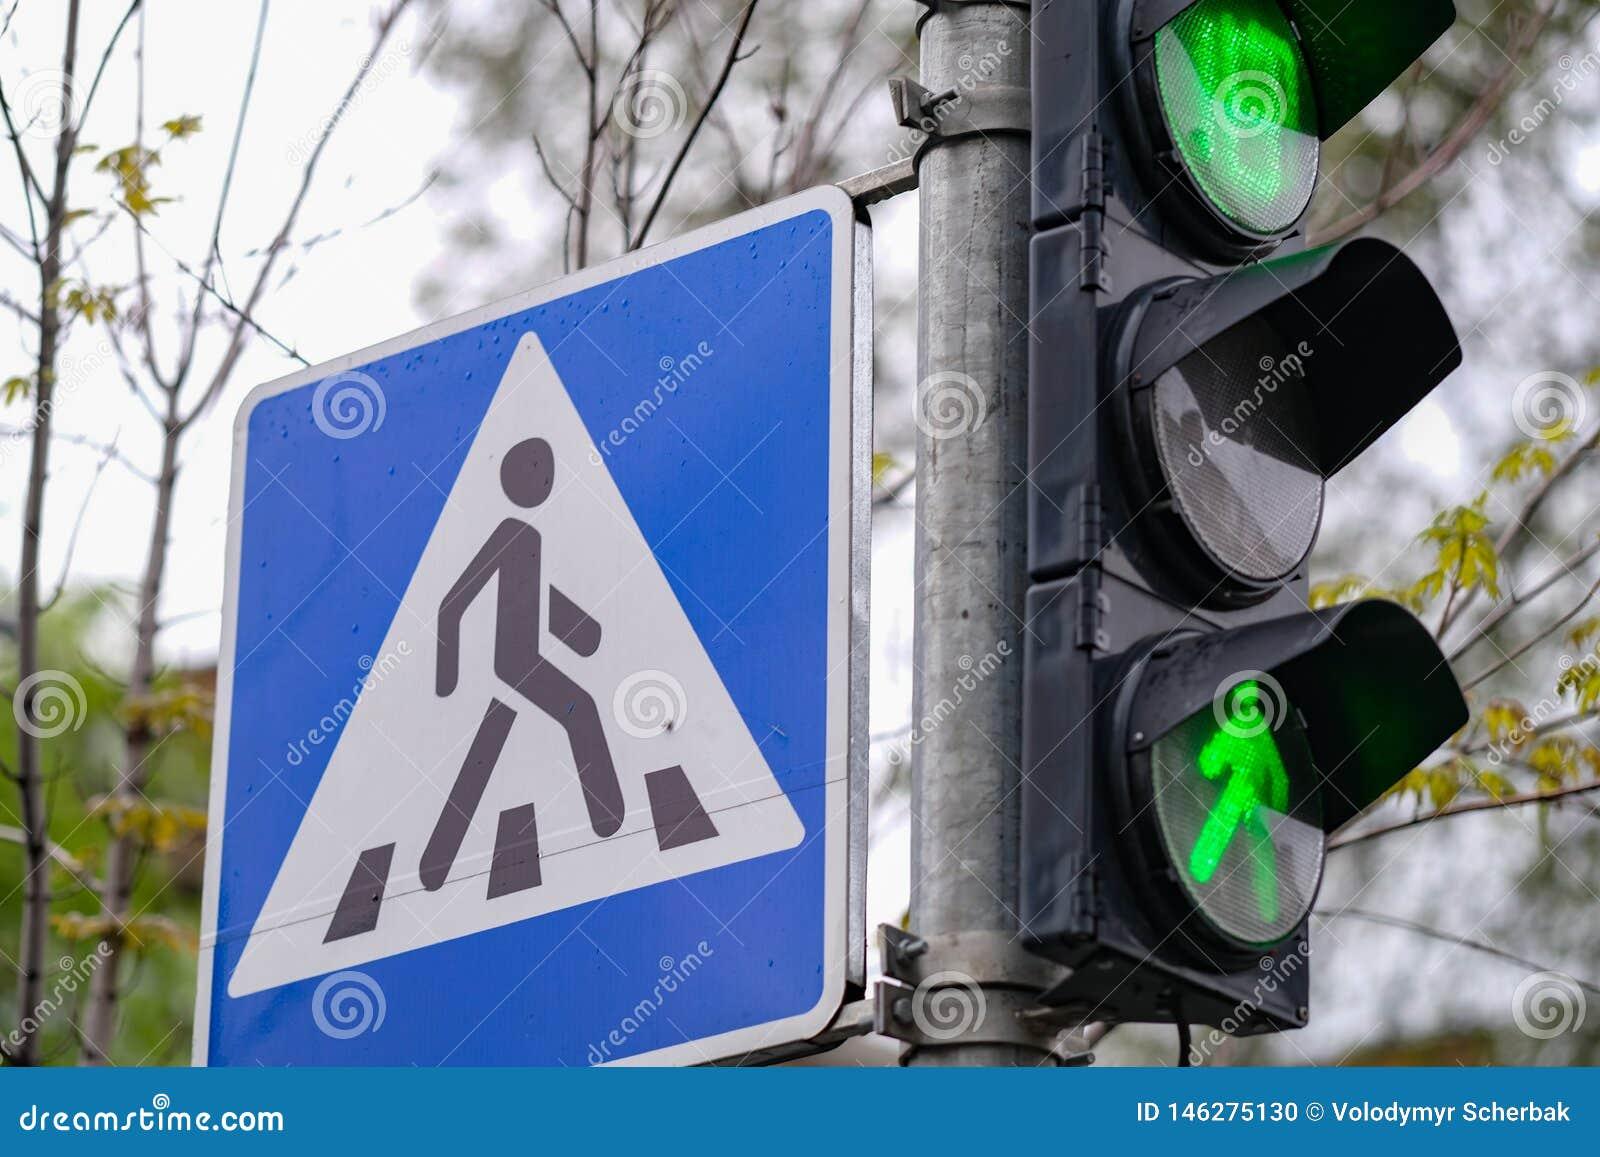 Rood, geel, groen groene kleur en voetgangersoversteekplaatsteken in een stad